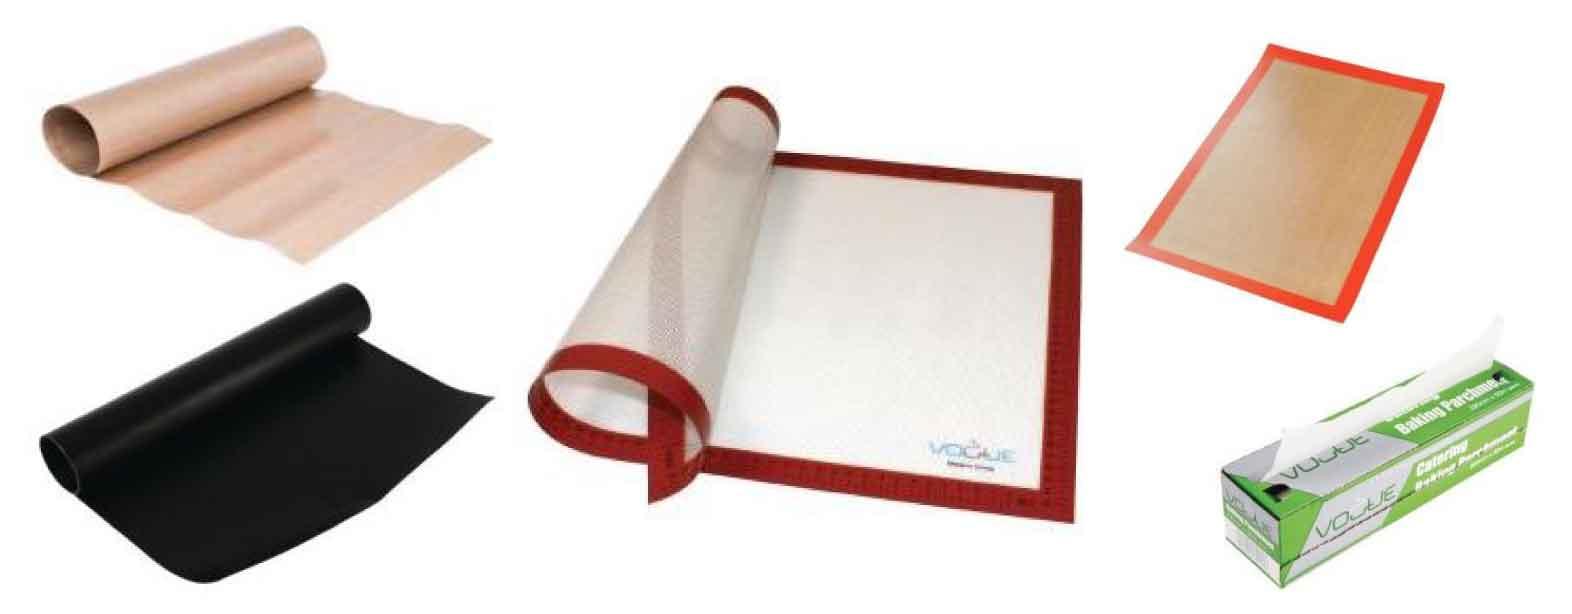 Tapis et papier de cuisson